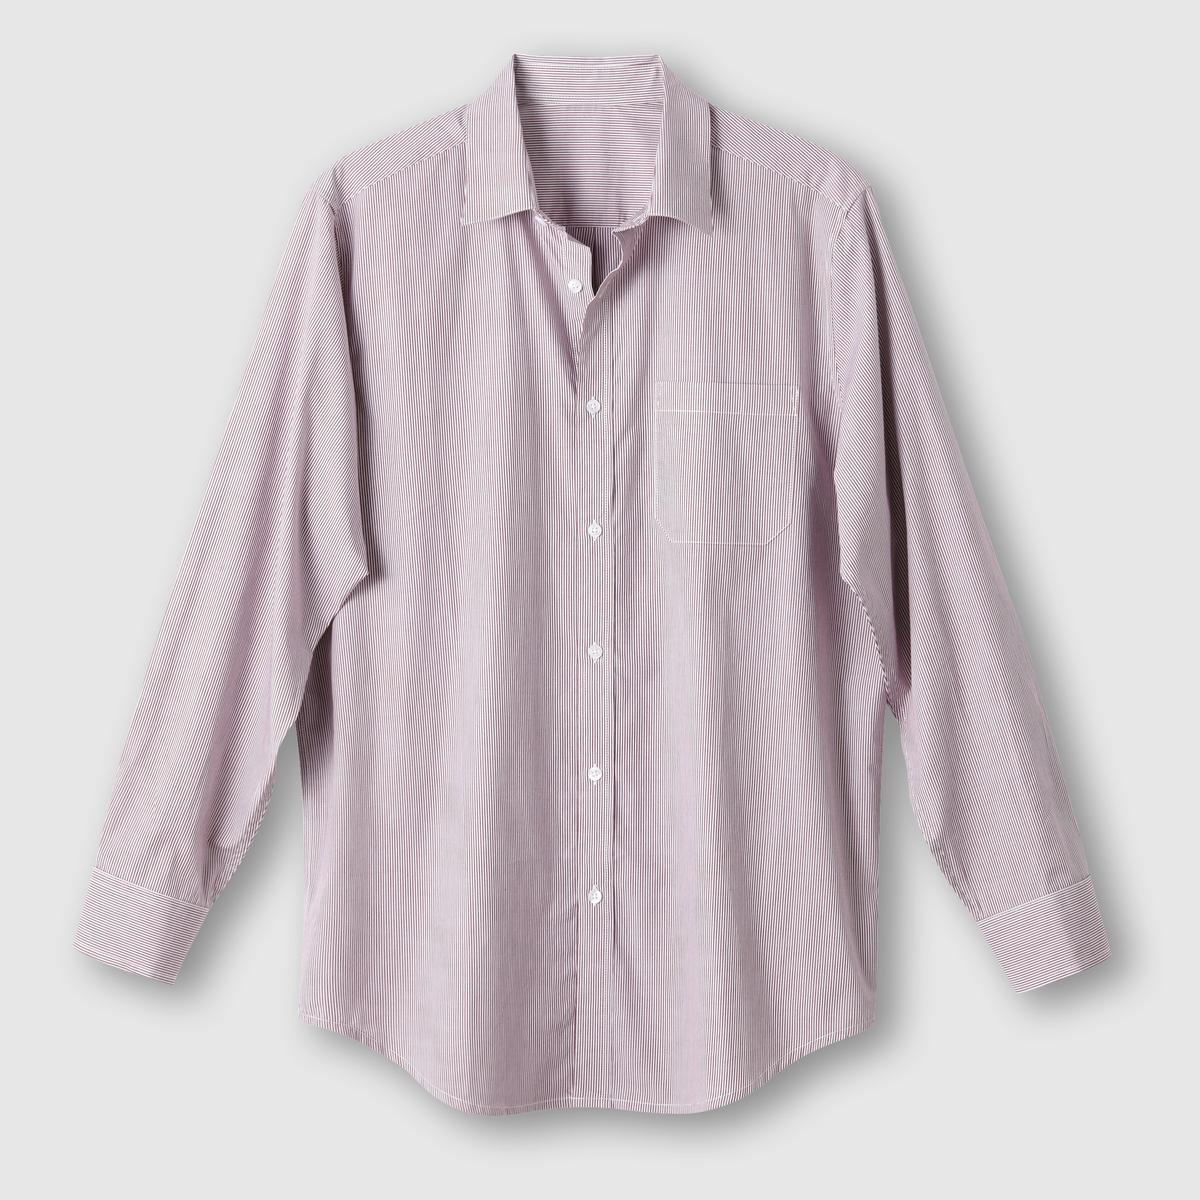 Рубашка из поплина, рост 1 (до 1,76 м)Рубашка с длинными рукавами.  Из оригинального поплина в полоску или в клетку с окрашенными волокнами. Воротник со свободными уголками. 1 нагрудный карман. Складка с вешалкой сзади. Слегка закругленный низ.Поплин, 100% хлопок. Рост 1 (при росте до 1,76 м) :  длина рубашки 83 см, длина рукава 62 см. Есть модели на рост 2 и 3.<br><br>Цвет: в полоску бордовый/белый<br>Размер: 53/54